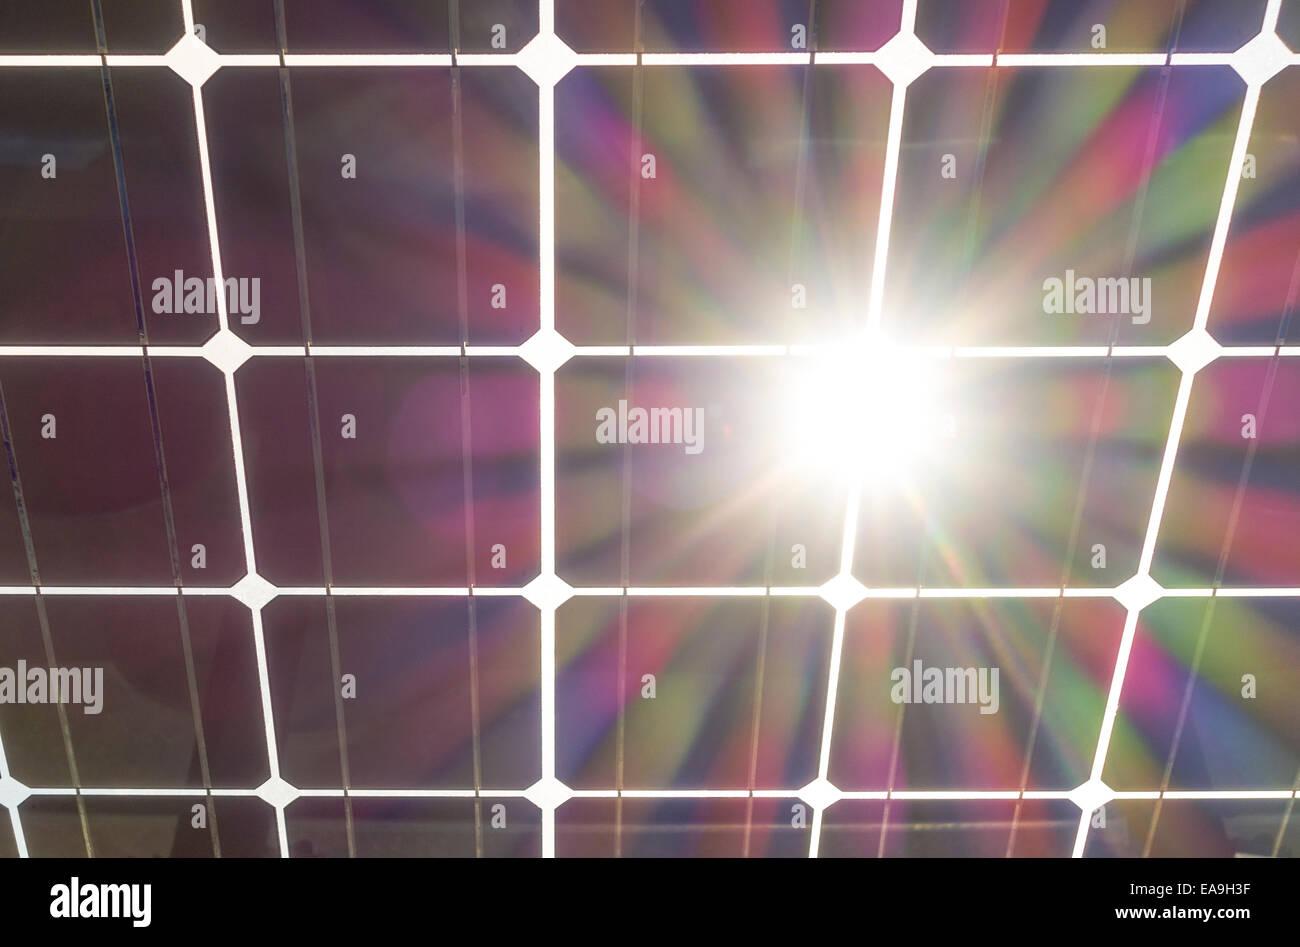 Pannelli solari wit sun burst flare. Pannello solare visto da dietro al di sotto. Le celle solari in vetro trasparente Immagini Stock